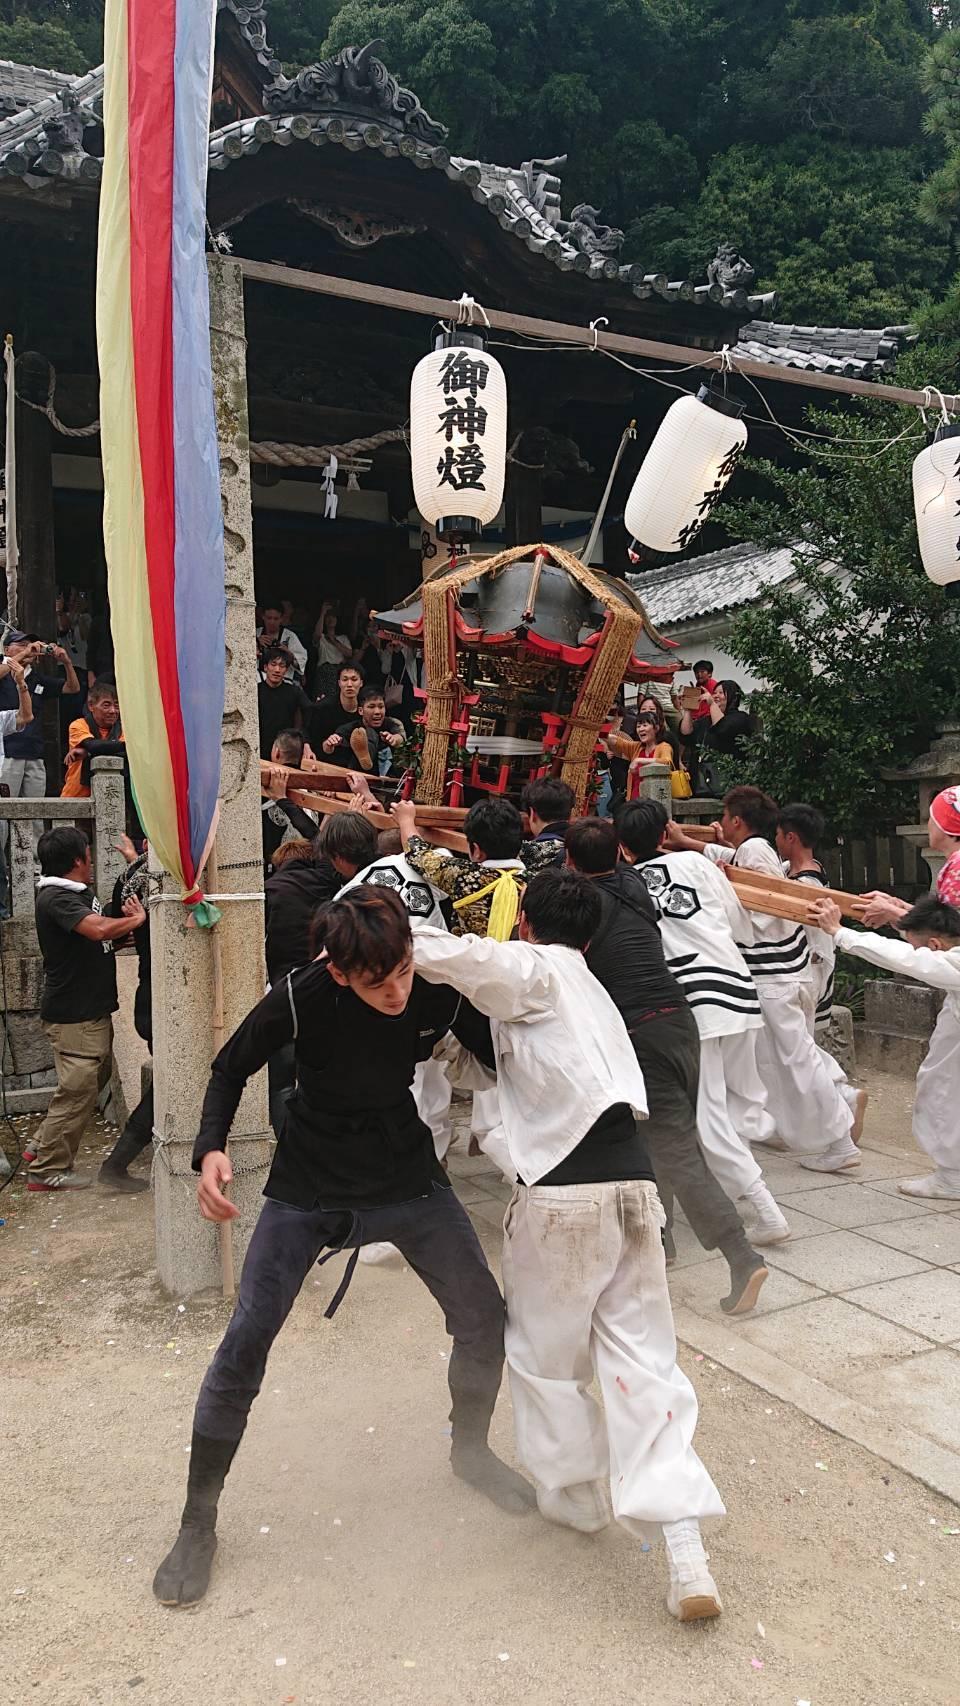 【二神です】三津口のお祭り!神山神社大祭!!_e0175370_18405881.jpg